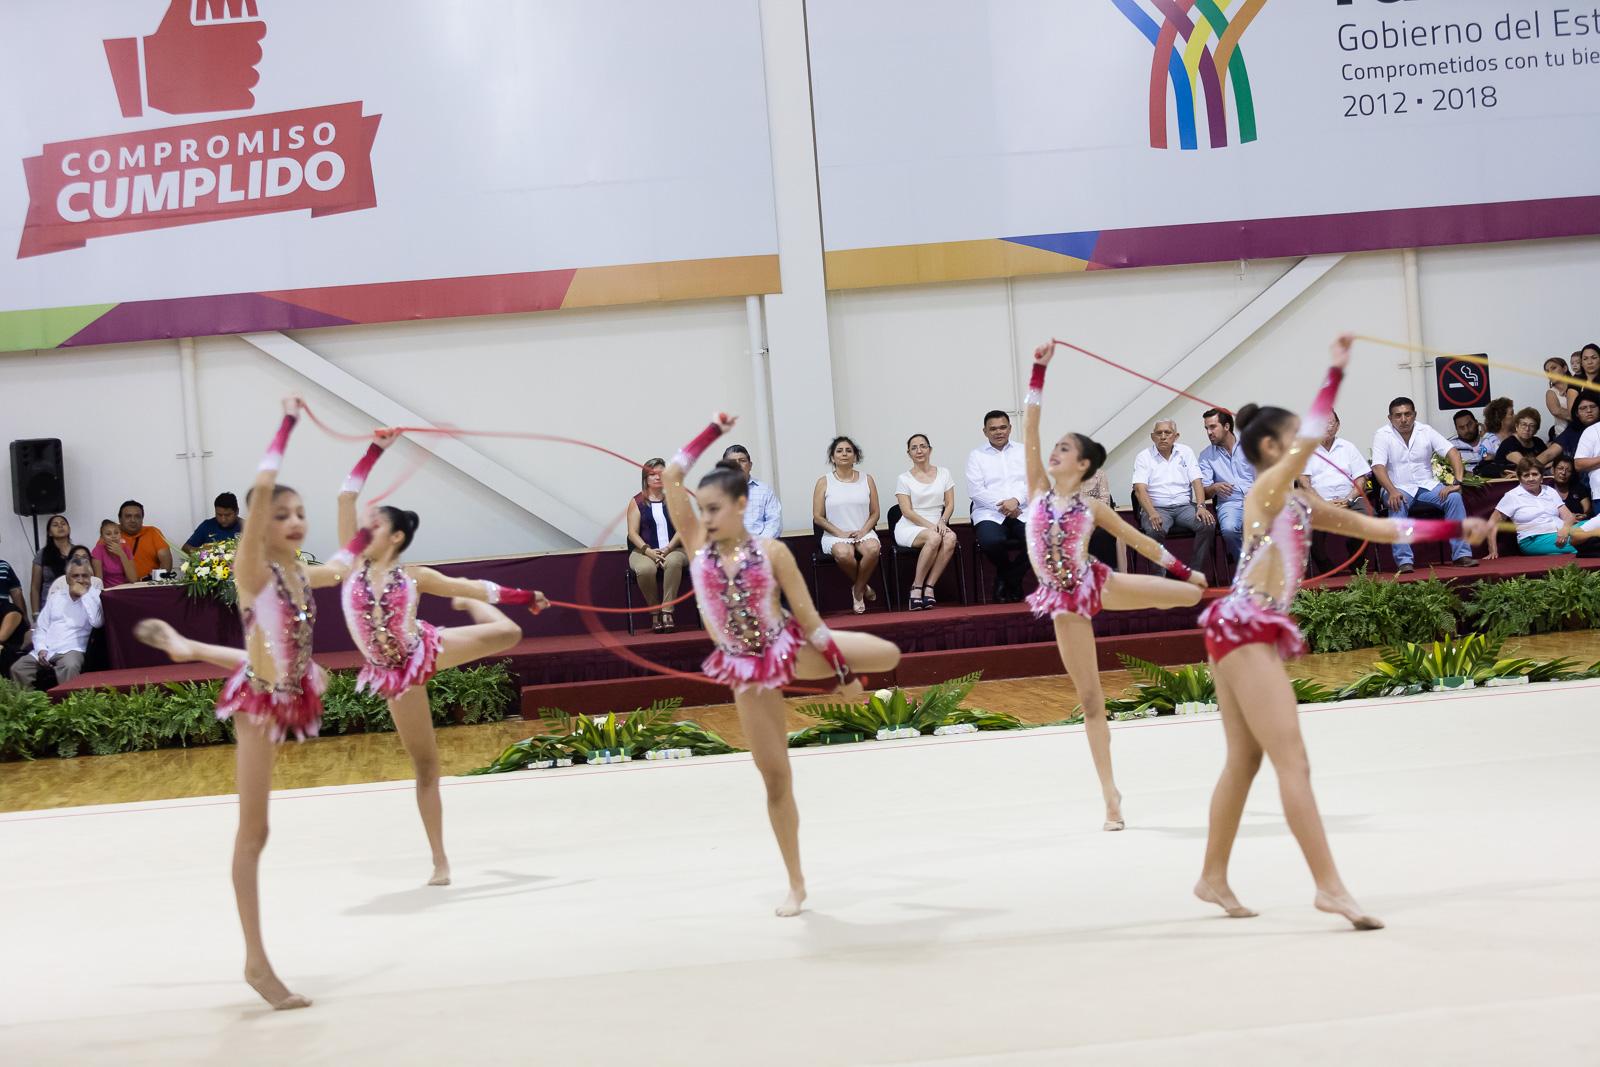 Encuentro internacional de gimnastas en Mérida